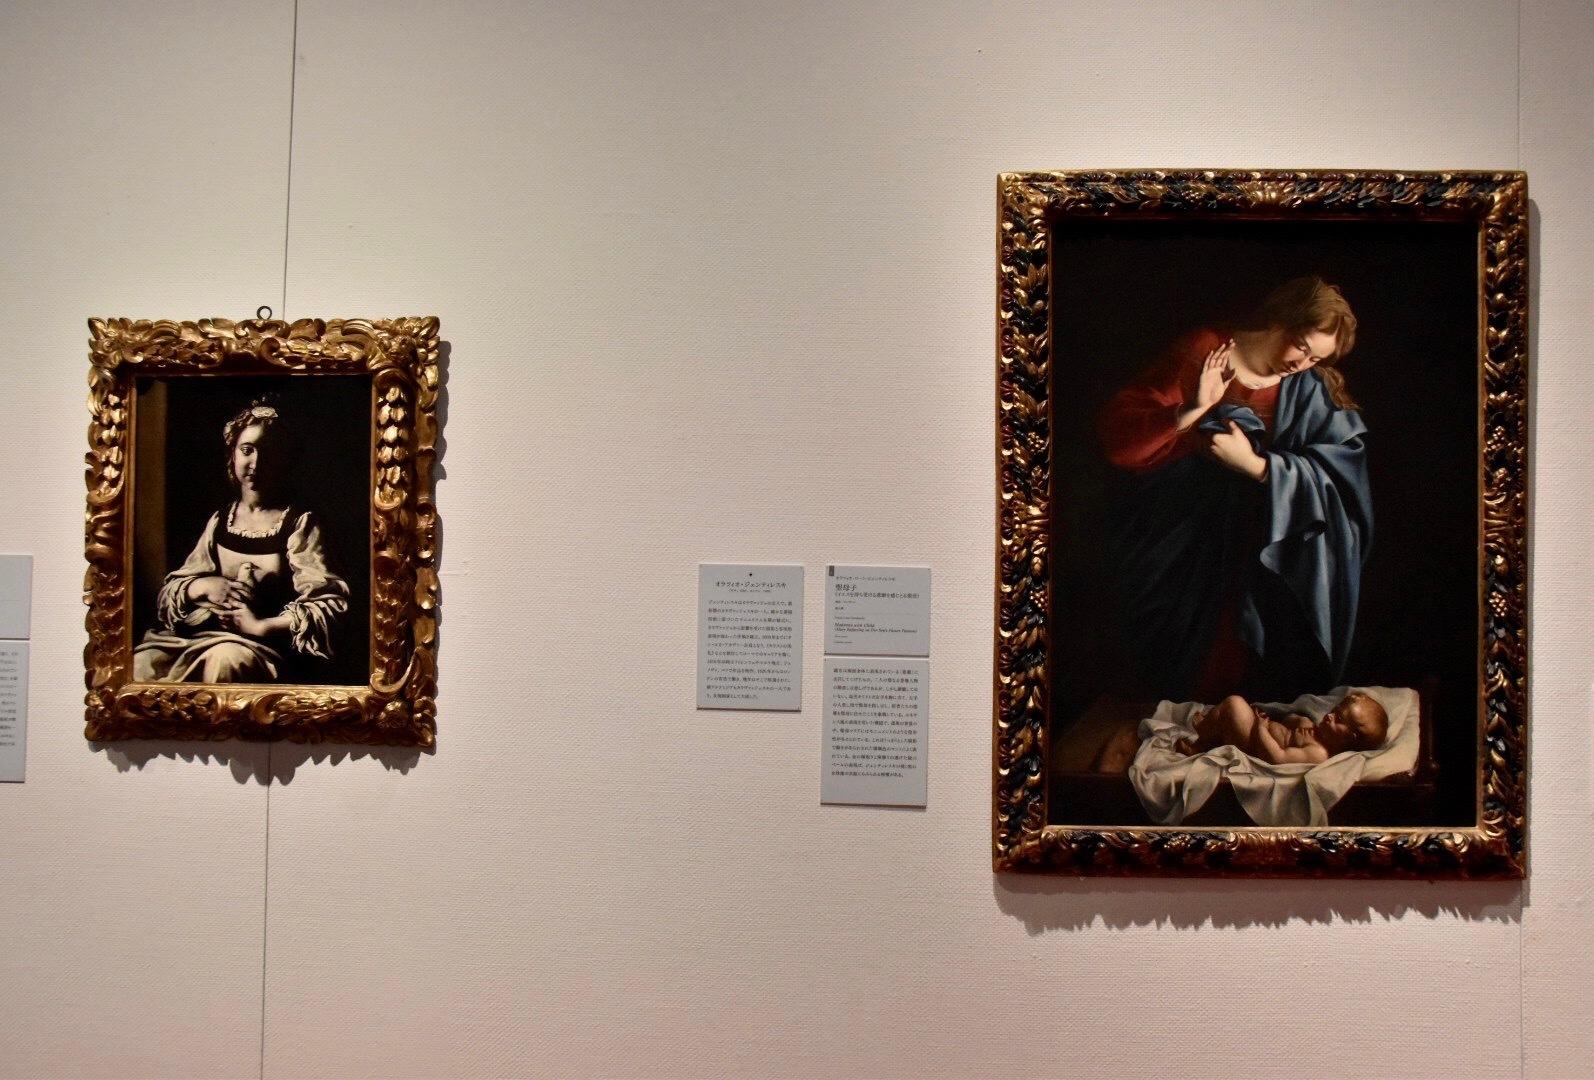 左:アンティヴェドゥート・グラマティカ《清純の寓意》1620年頃(個人蔵)、右:オラツィオ・ローミ・ジェンティレスキ《聖母子(イエスを待ち受ける悲劇を感じとる聖母)》(個人蔵)